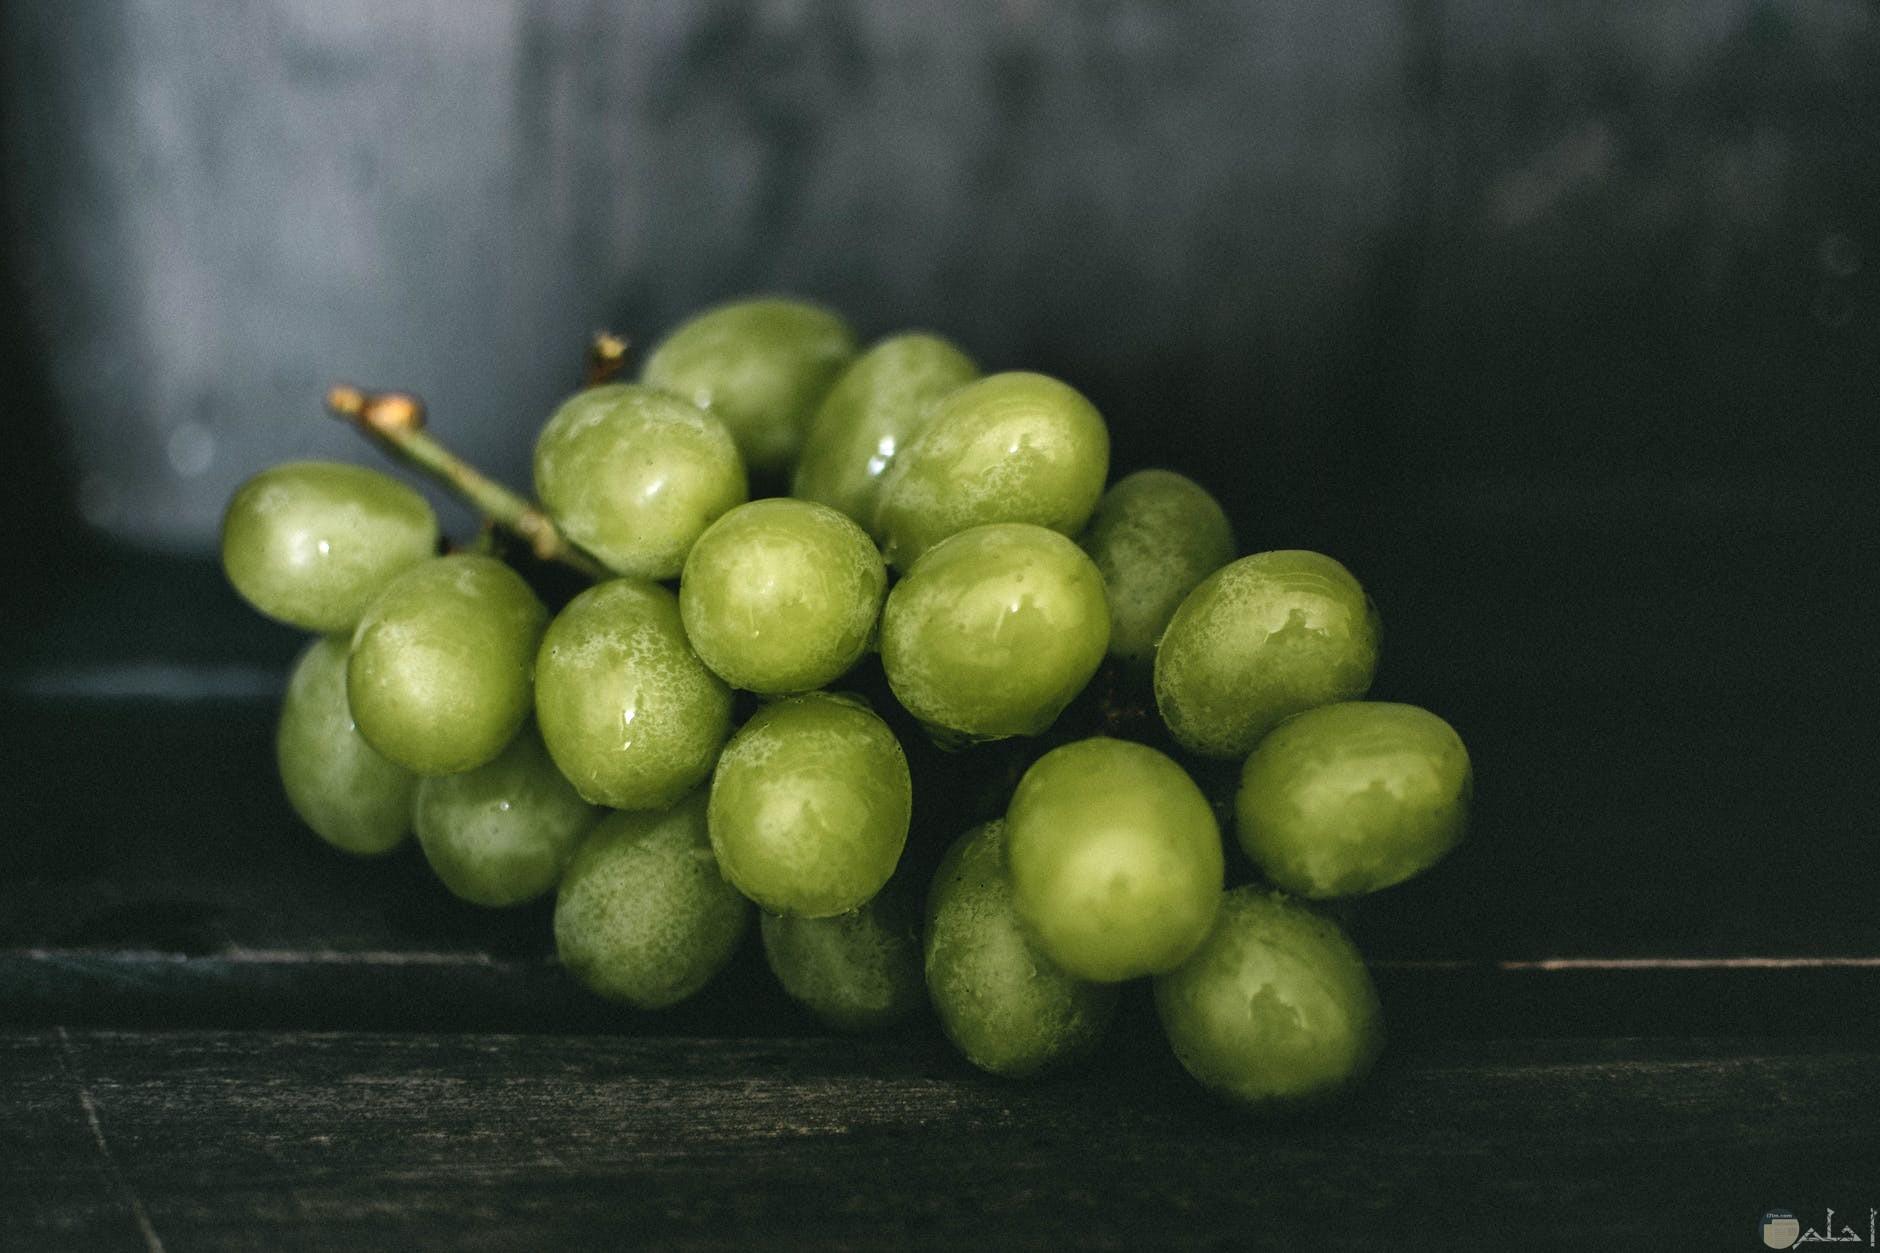 العنب الاخضر الجميل